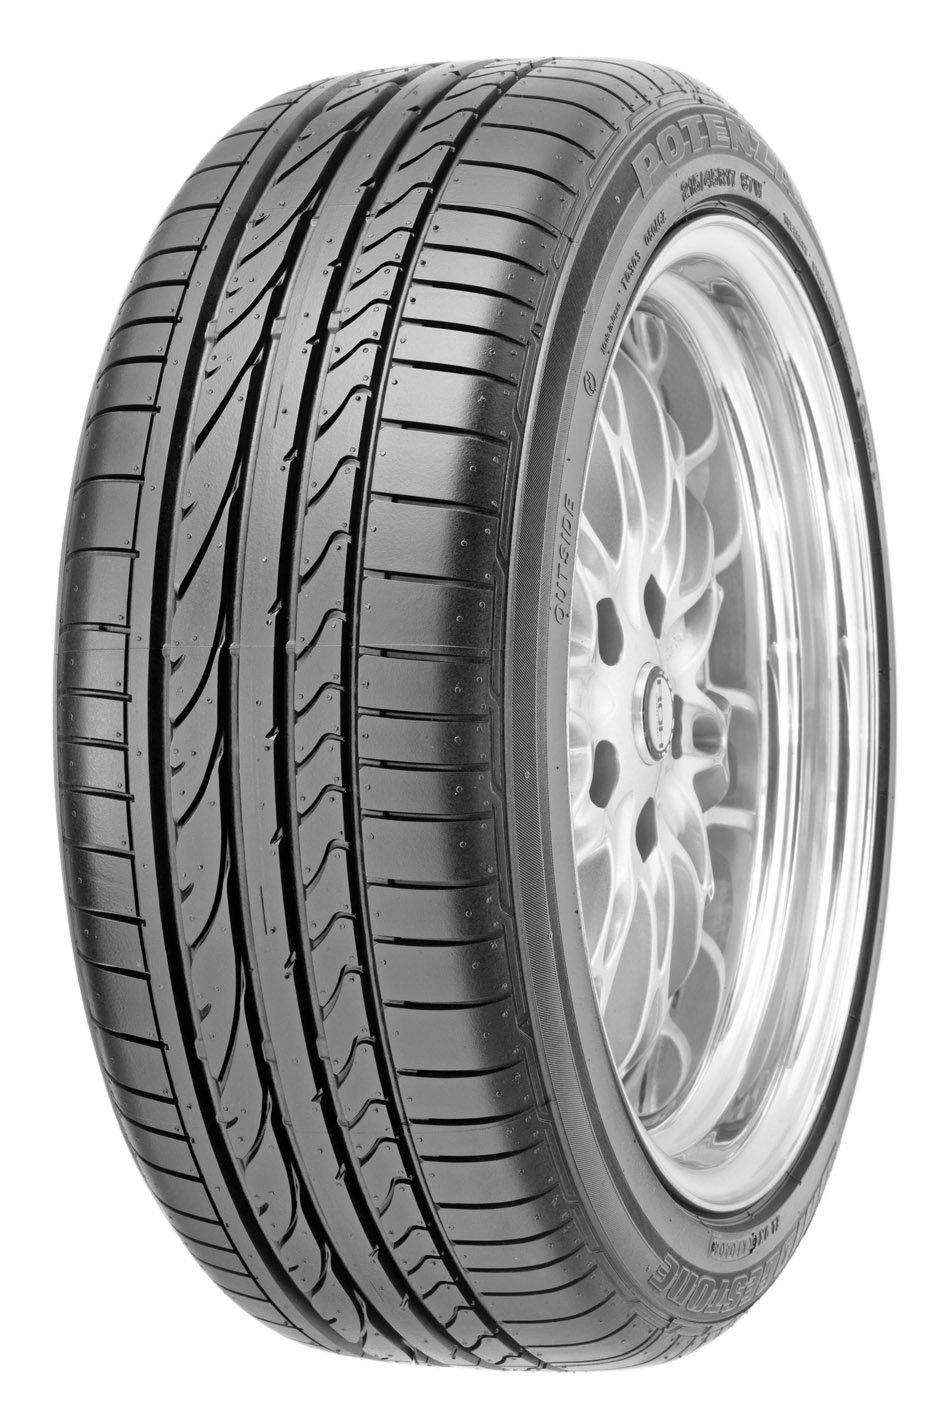 Bridgestone Potenza RE050 A - 215/45/R18 93Y - E/C/70 - Summer Tire [Energy Class E]